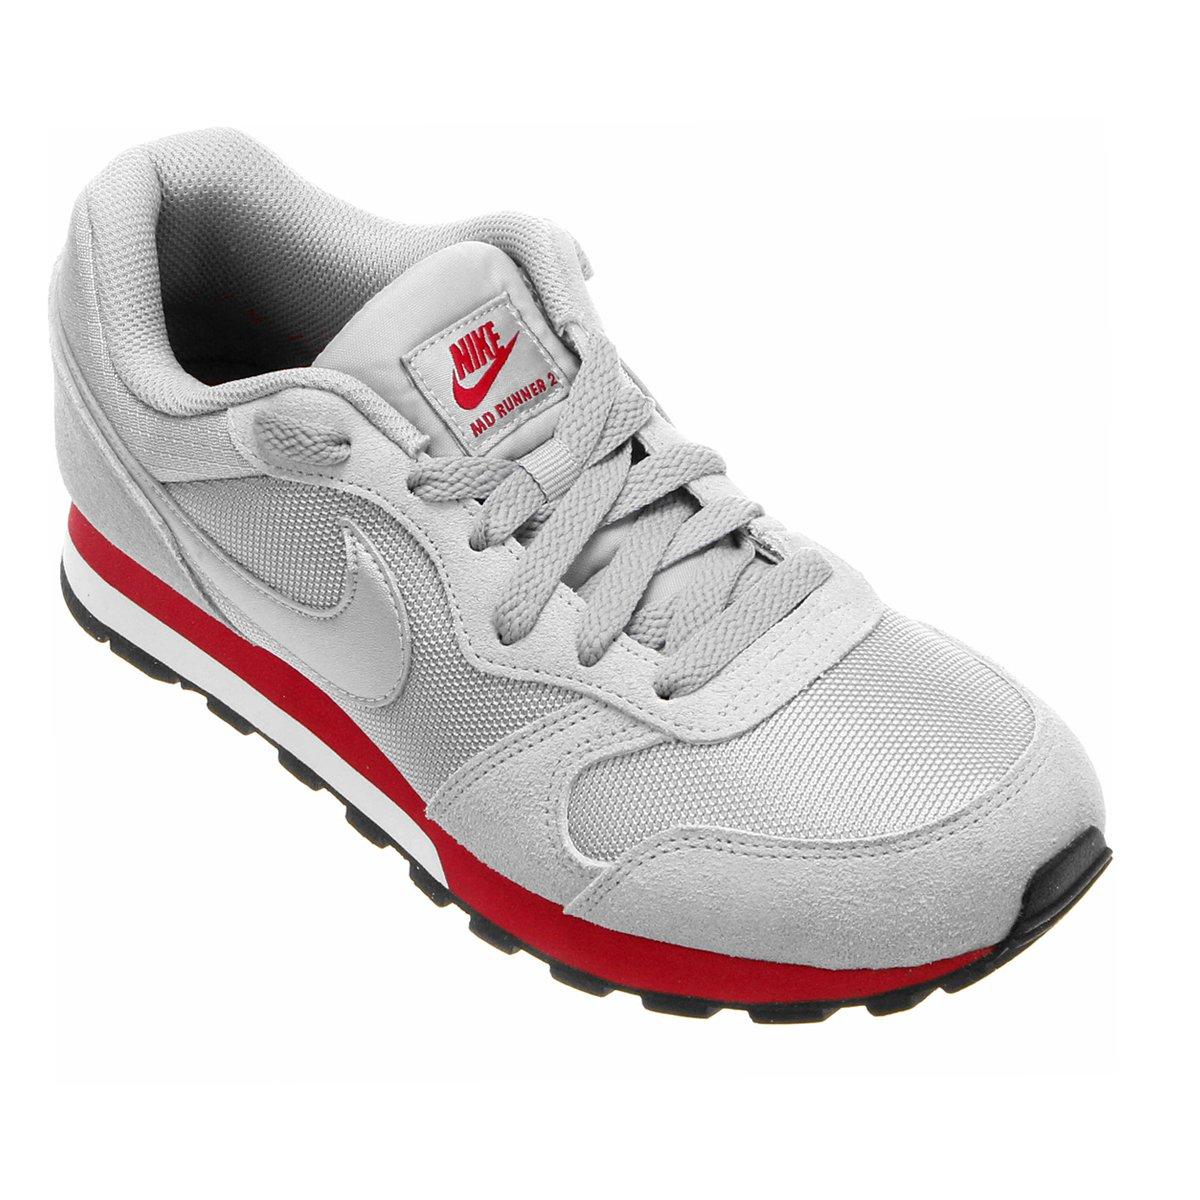 e4c50a41f73a6 Tênis Nike Md Runner 2 Feminino - Cinza e Vermelho | Shop Timão